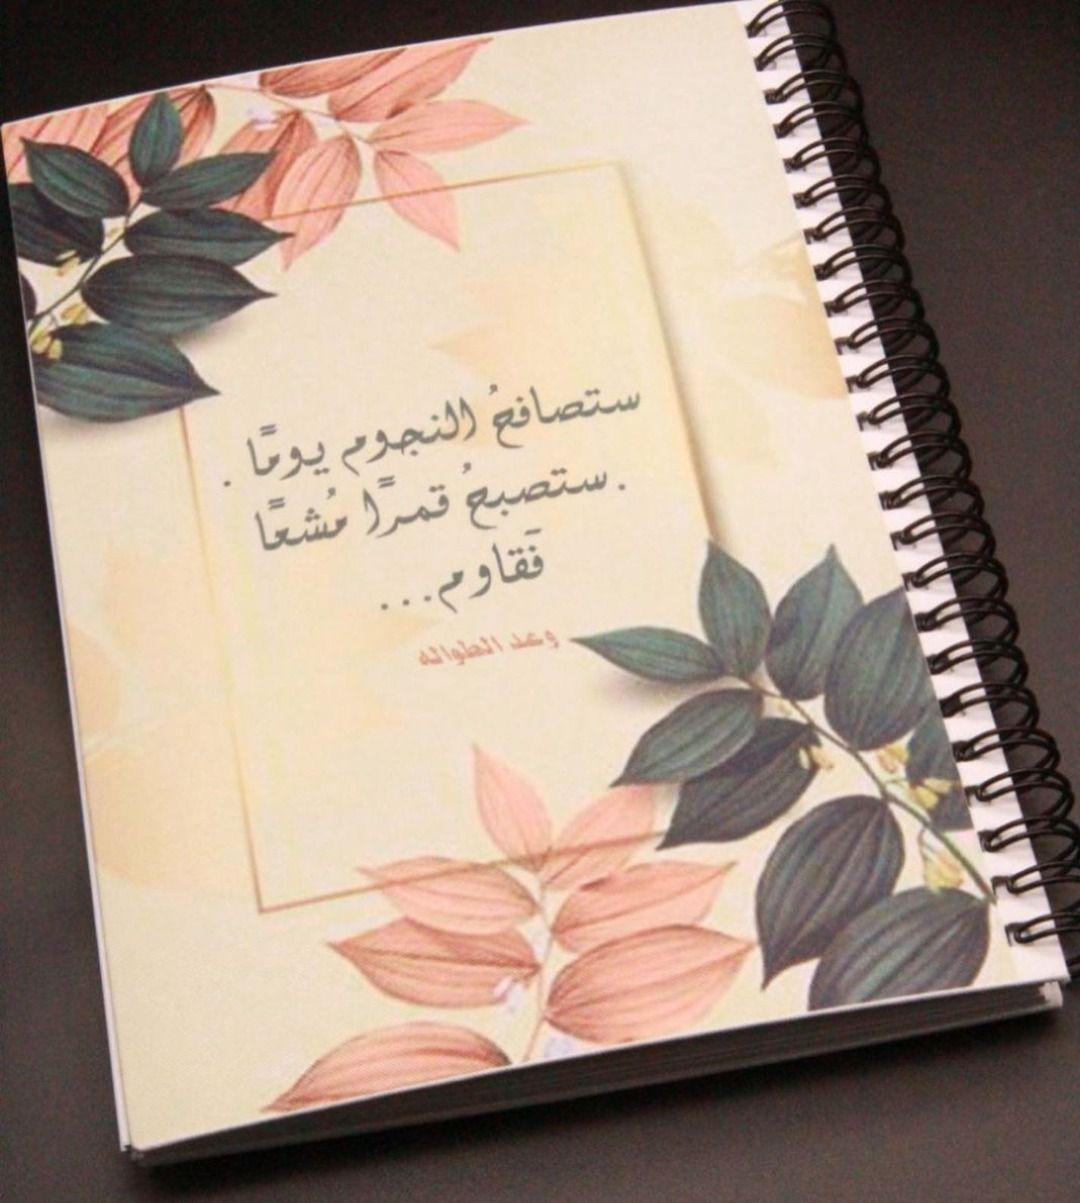 كشكول سلك ستصافح يديك النجوم يوما ستصبح قمرا مشعا ذات يوم ف قاوم National Day Saudi National Day Day